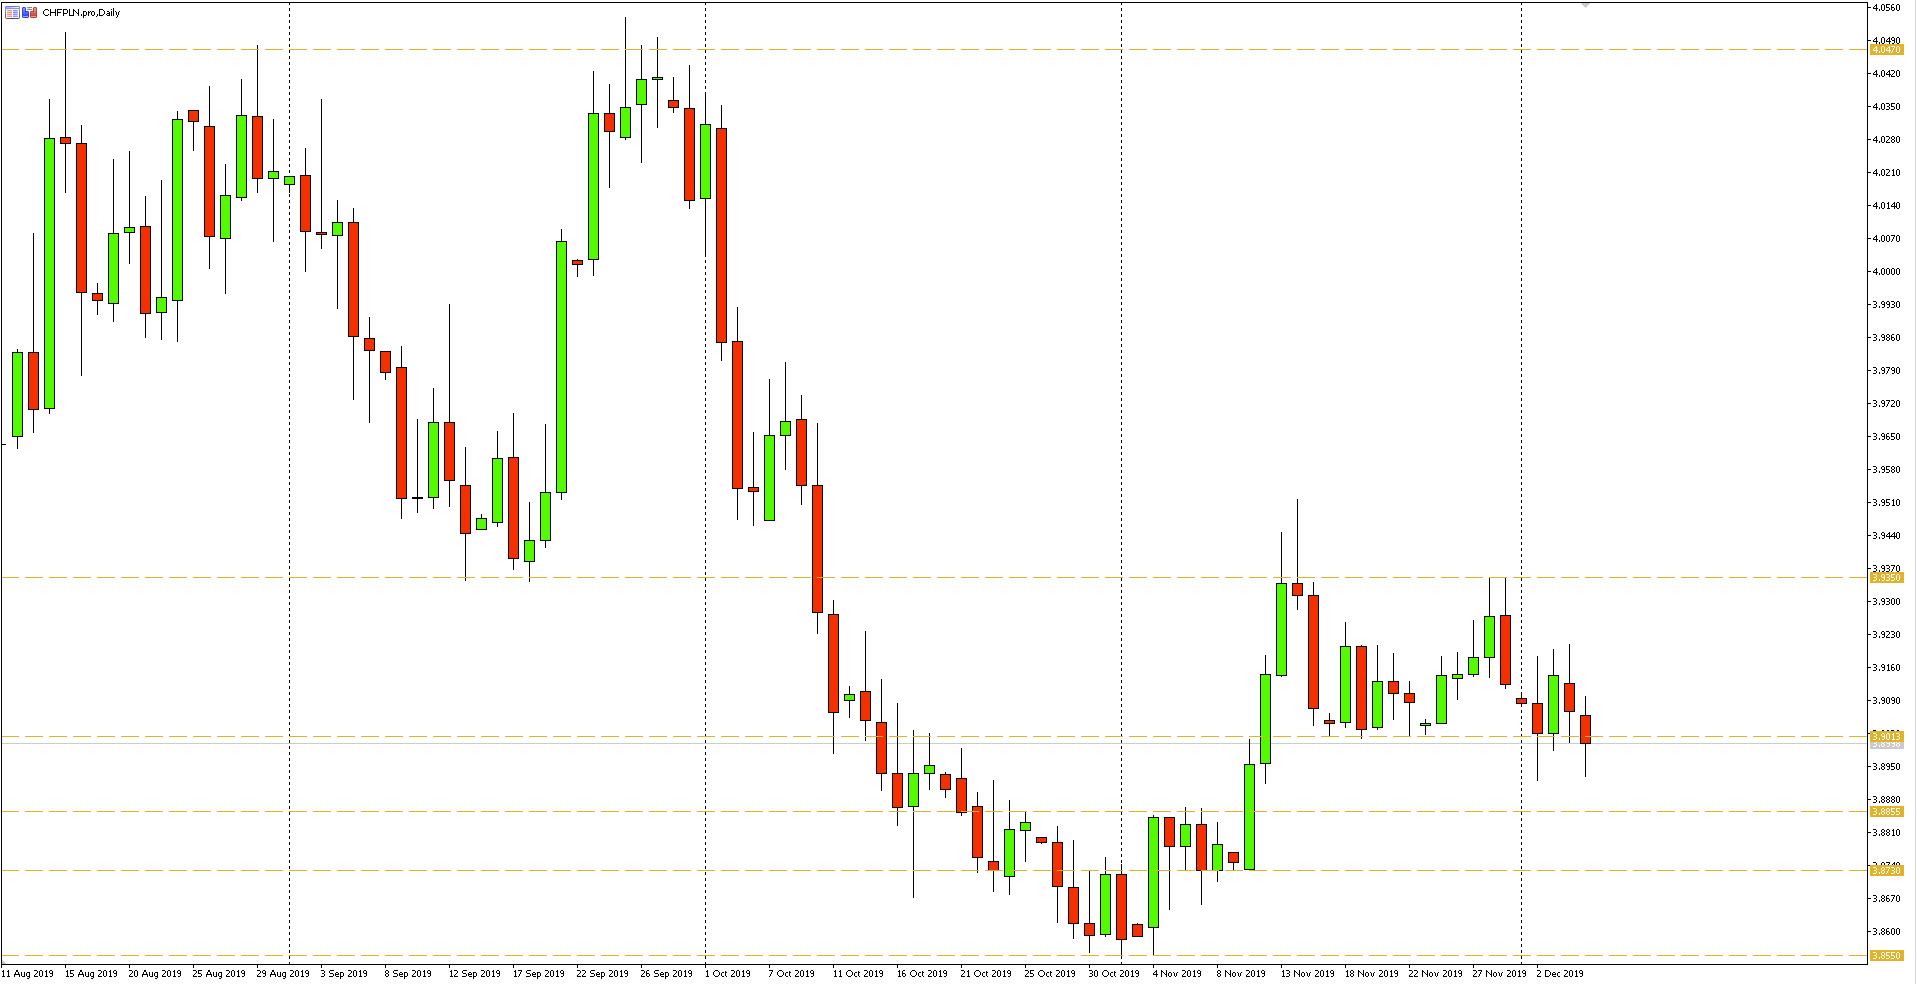 Wykres dzienny pary walutowej CHFPLN - 05.12.2019 r.